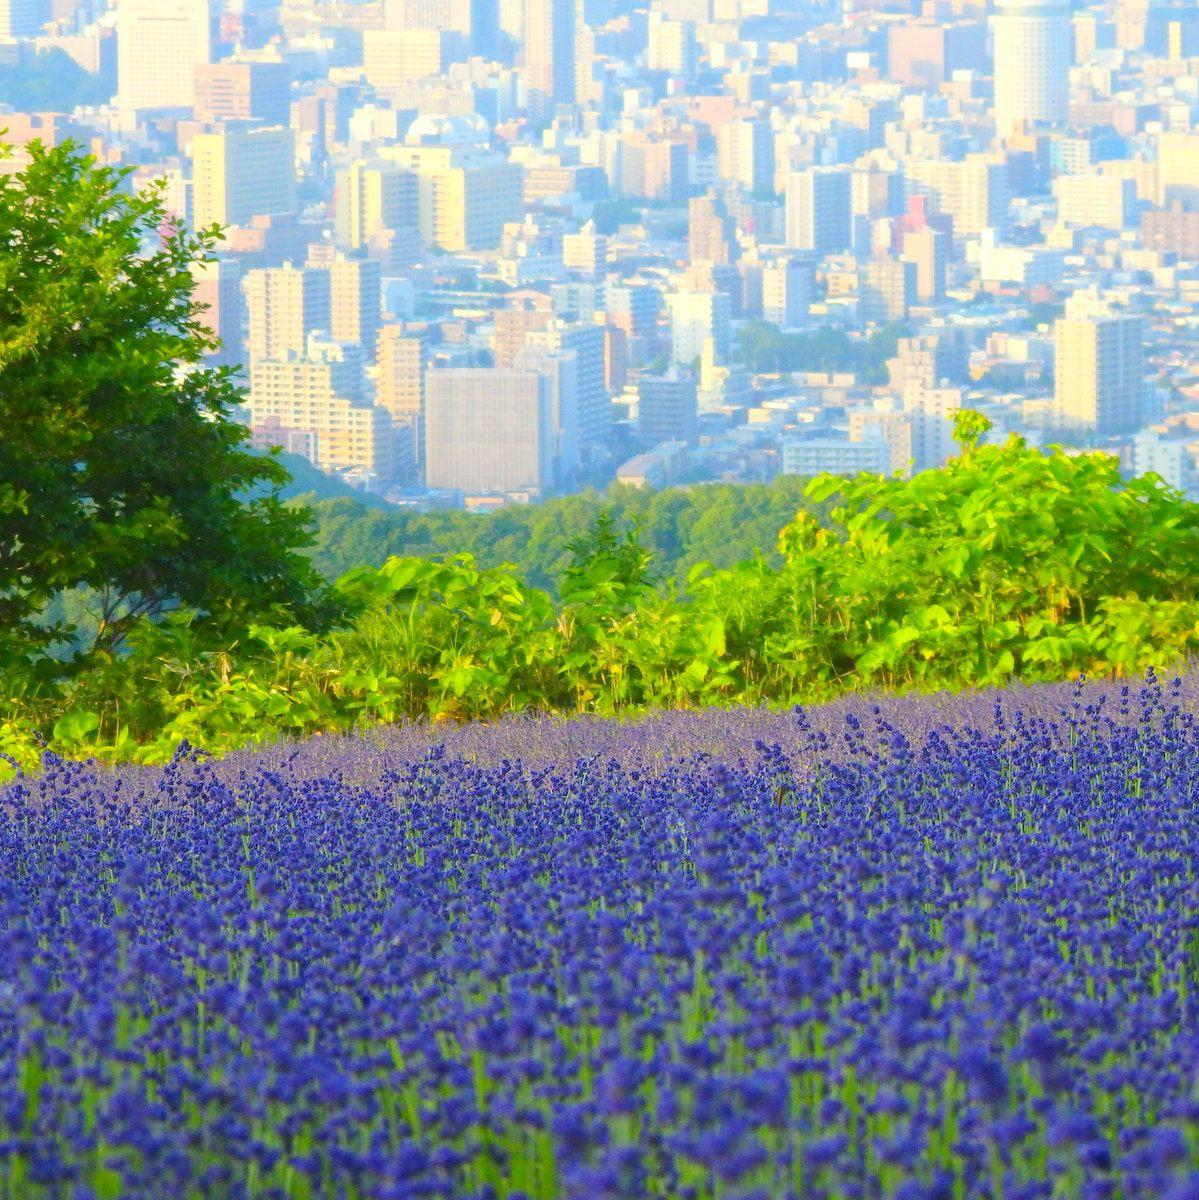 札幌市街が目の前に!市街地にむかって広がるラベンダー畑